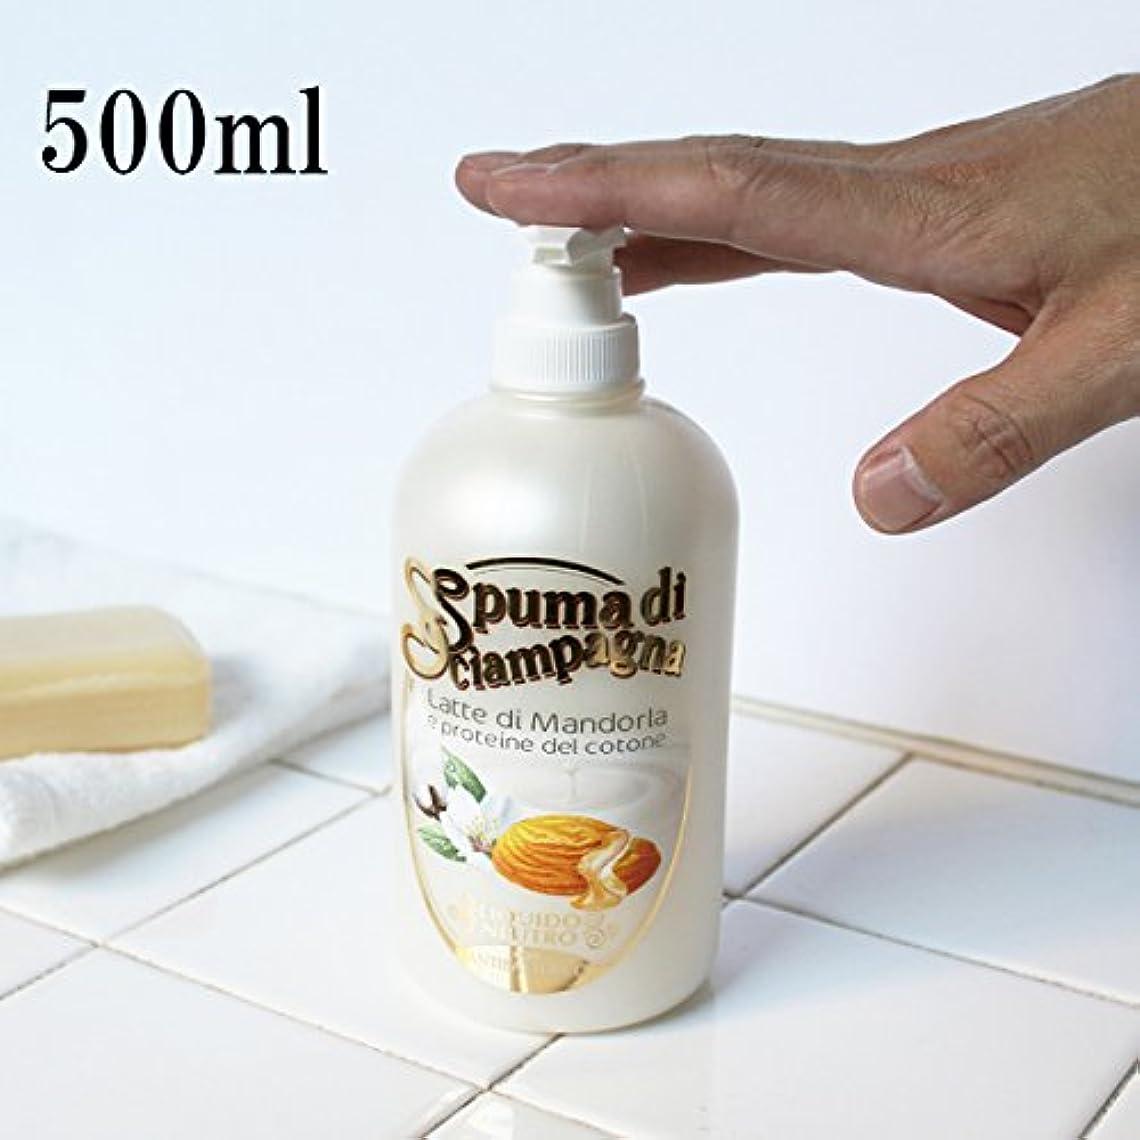 腐食するサロンハウジングSpuma di Sciampagna (スプーマ ディ シャンパーニャ) リキッドソープ 500ml アーモンドの香り